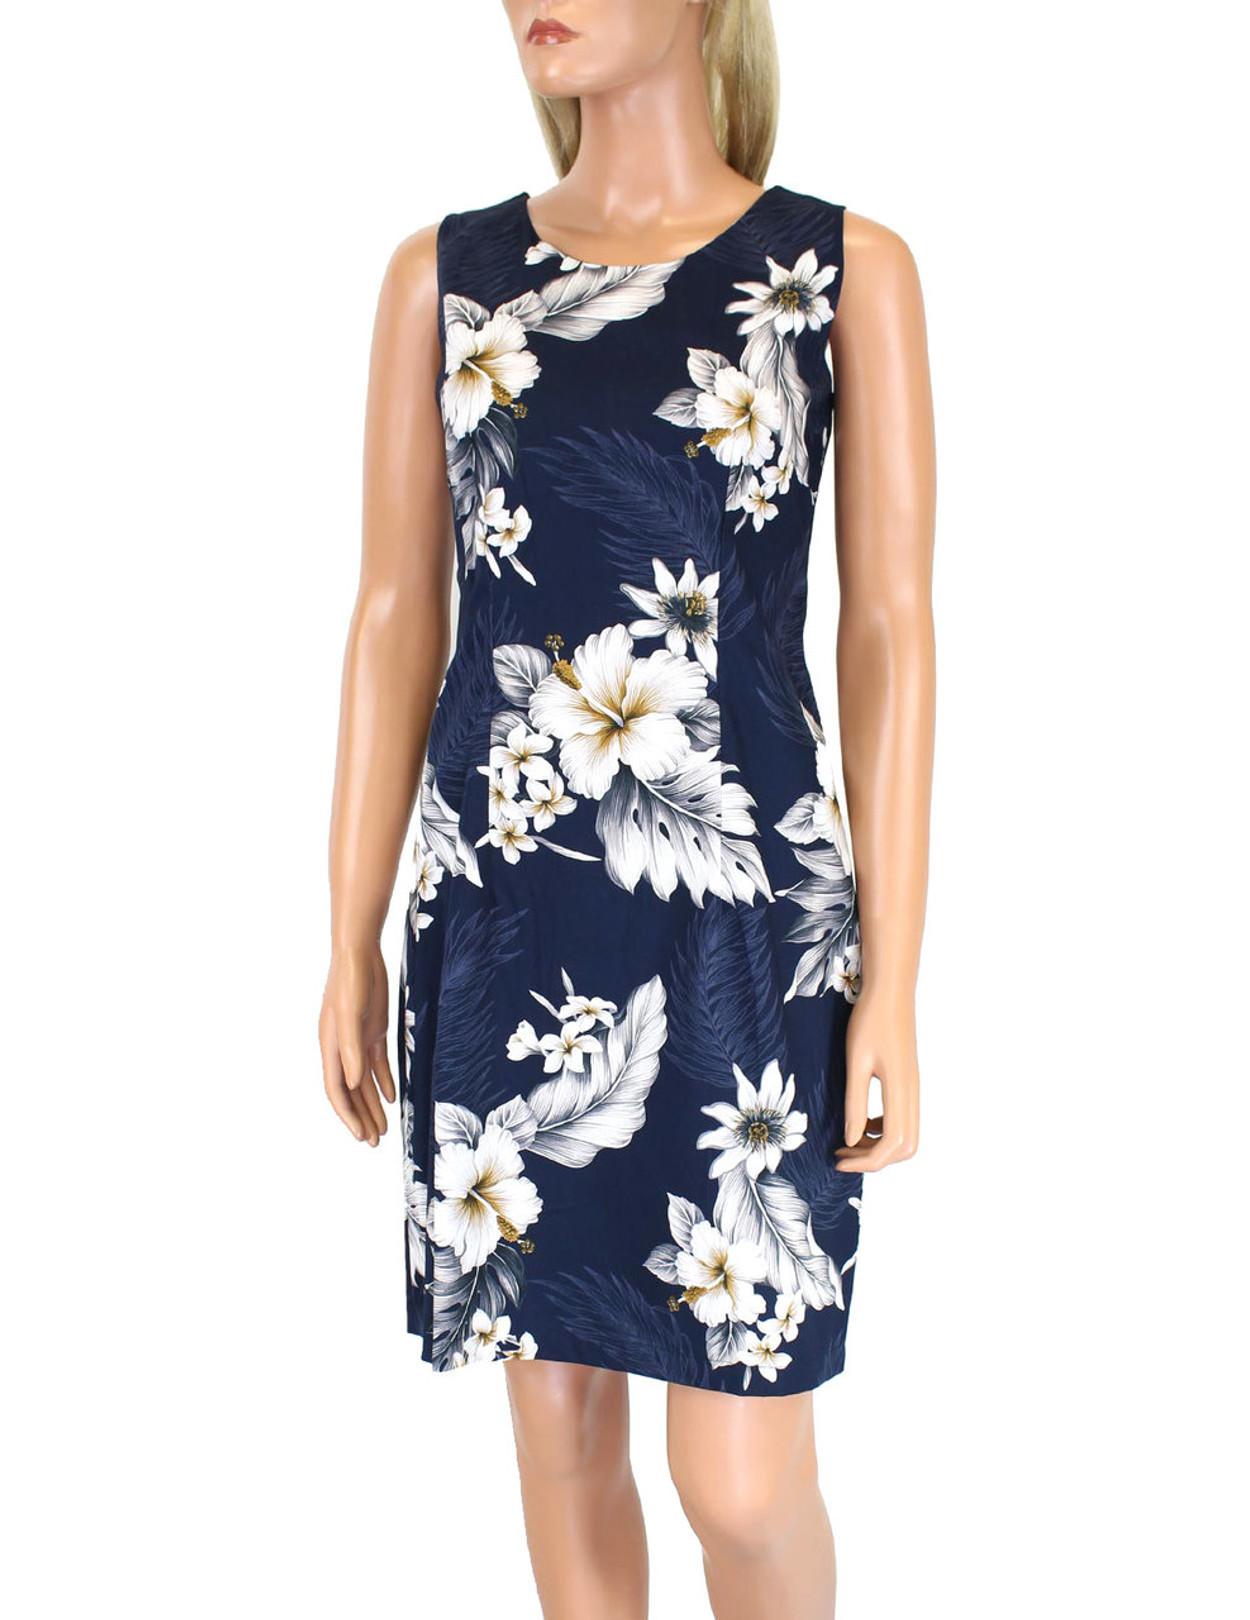 b0670296a99 Short Hawaiian Dress Sleeveless Sunflower Hibiscus